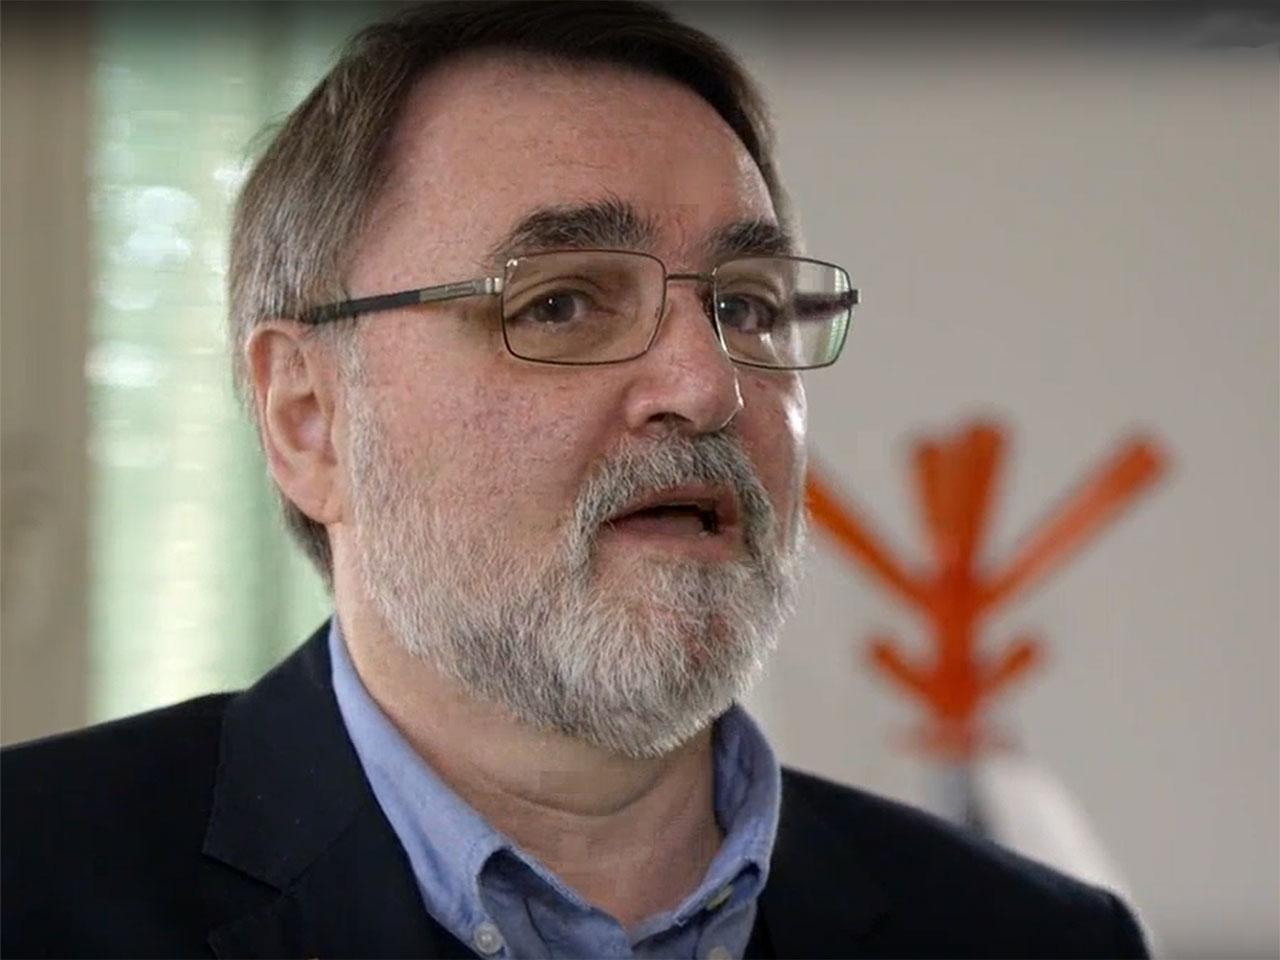 Don Enrico Peretti